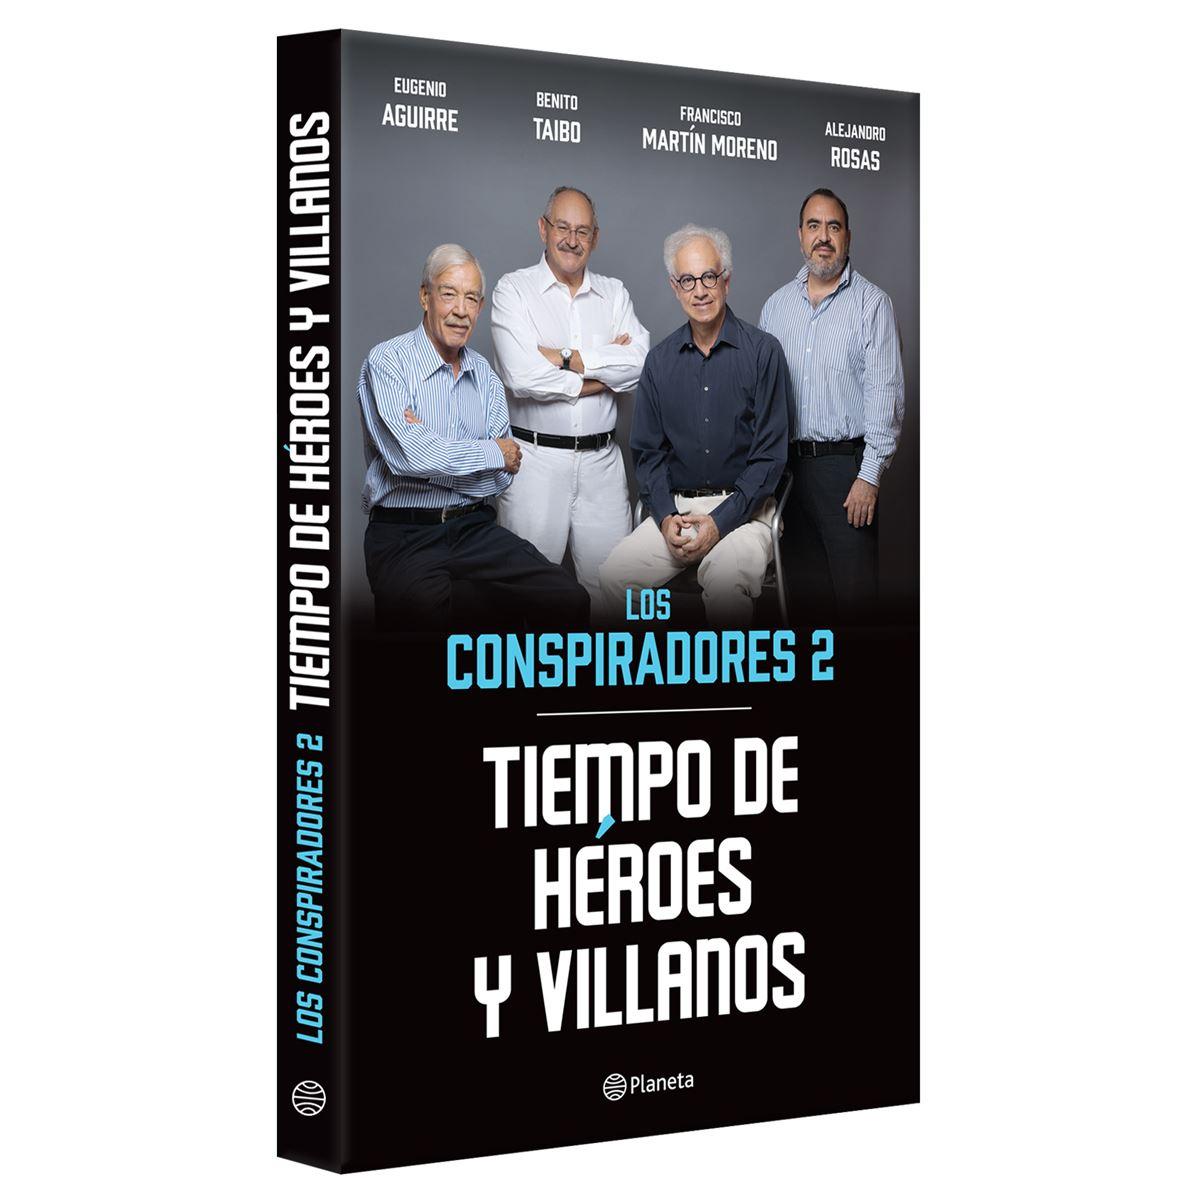 Los conspiradores 2 ( tiempo de héroes y villanos ) Libro - Sanborns